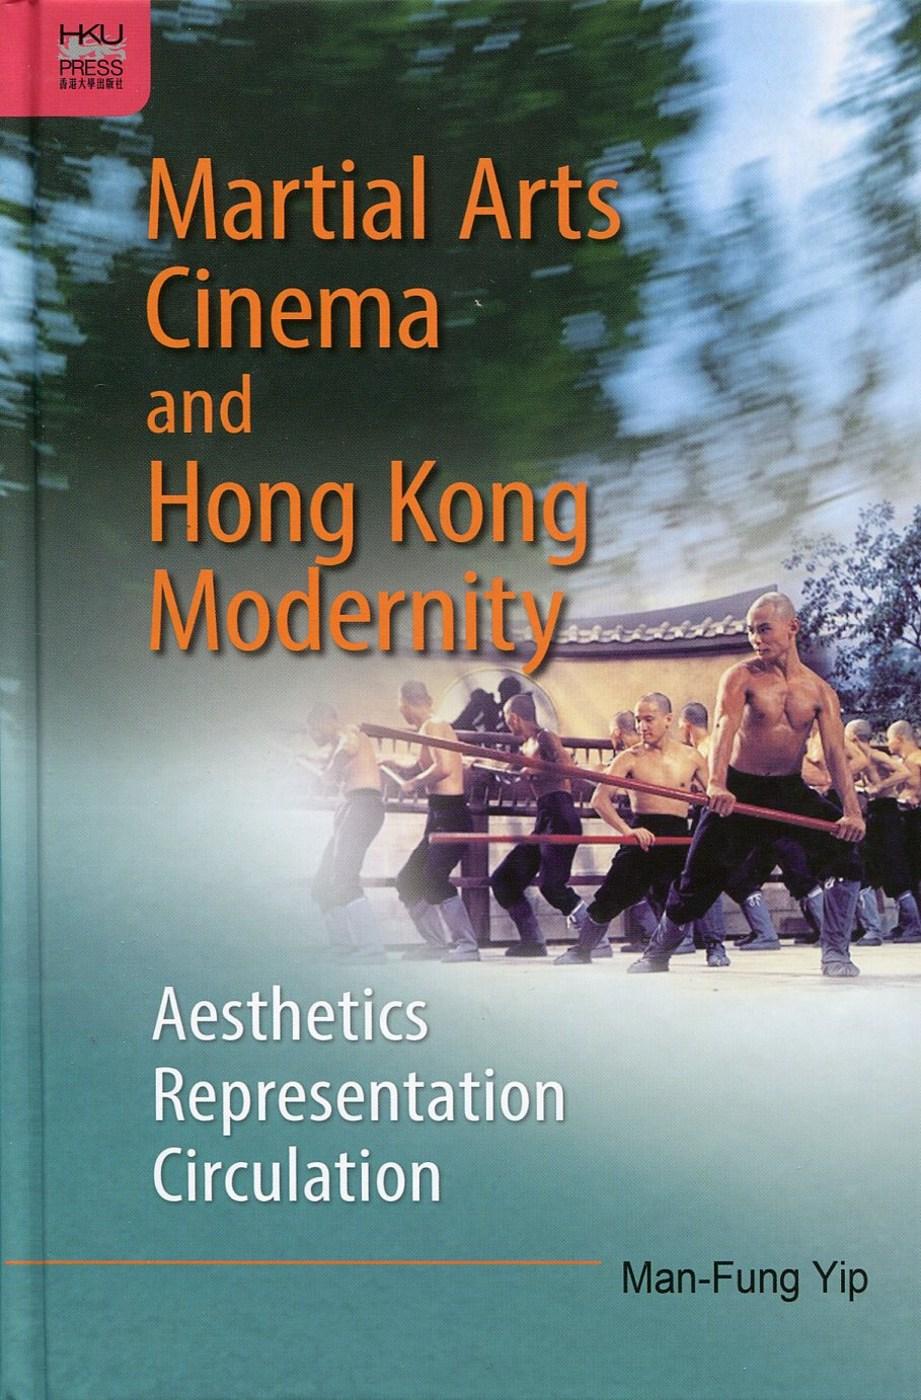 Martial Arts Cinema and Hong Kong Modernity:A